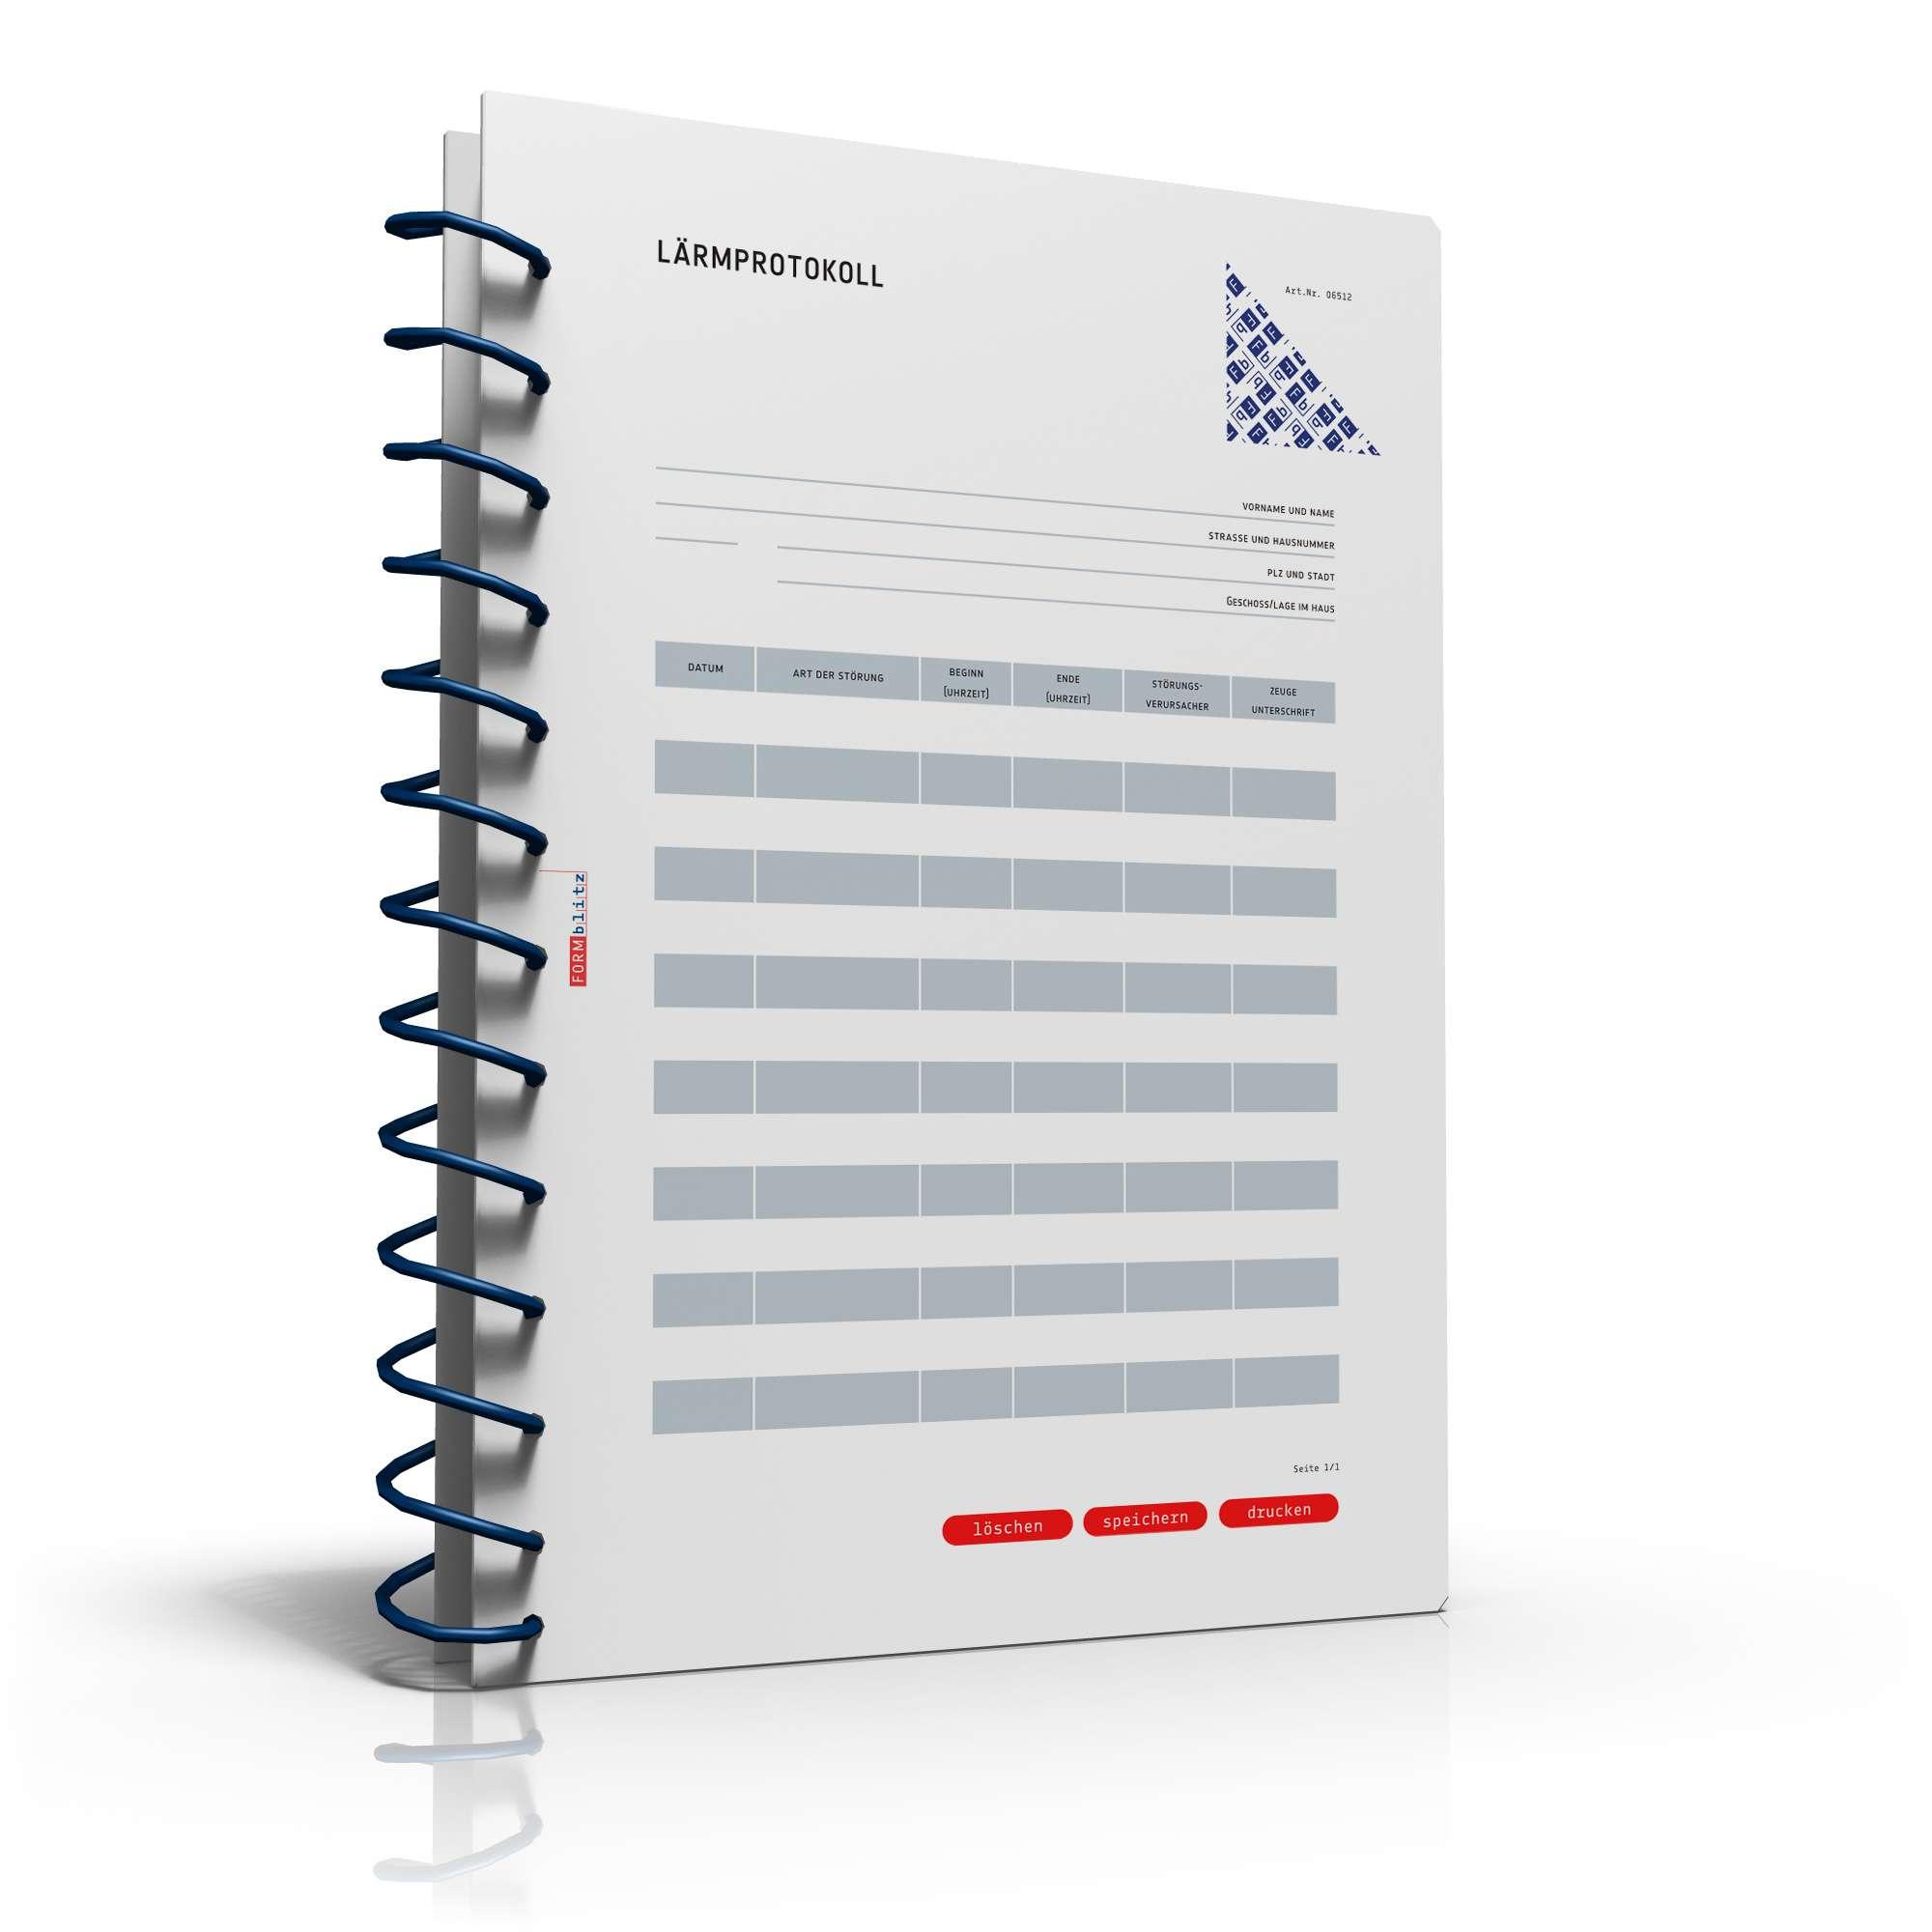 Musterbriefe Lärmbelästigung : Lärmprotokoll muster zur dokumentation von lärmbelästigung